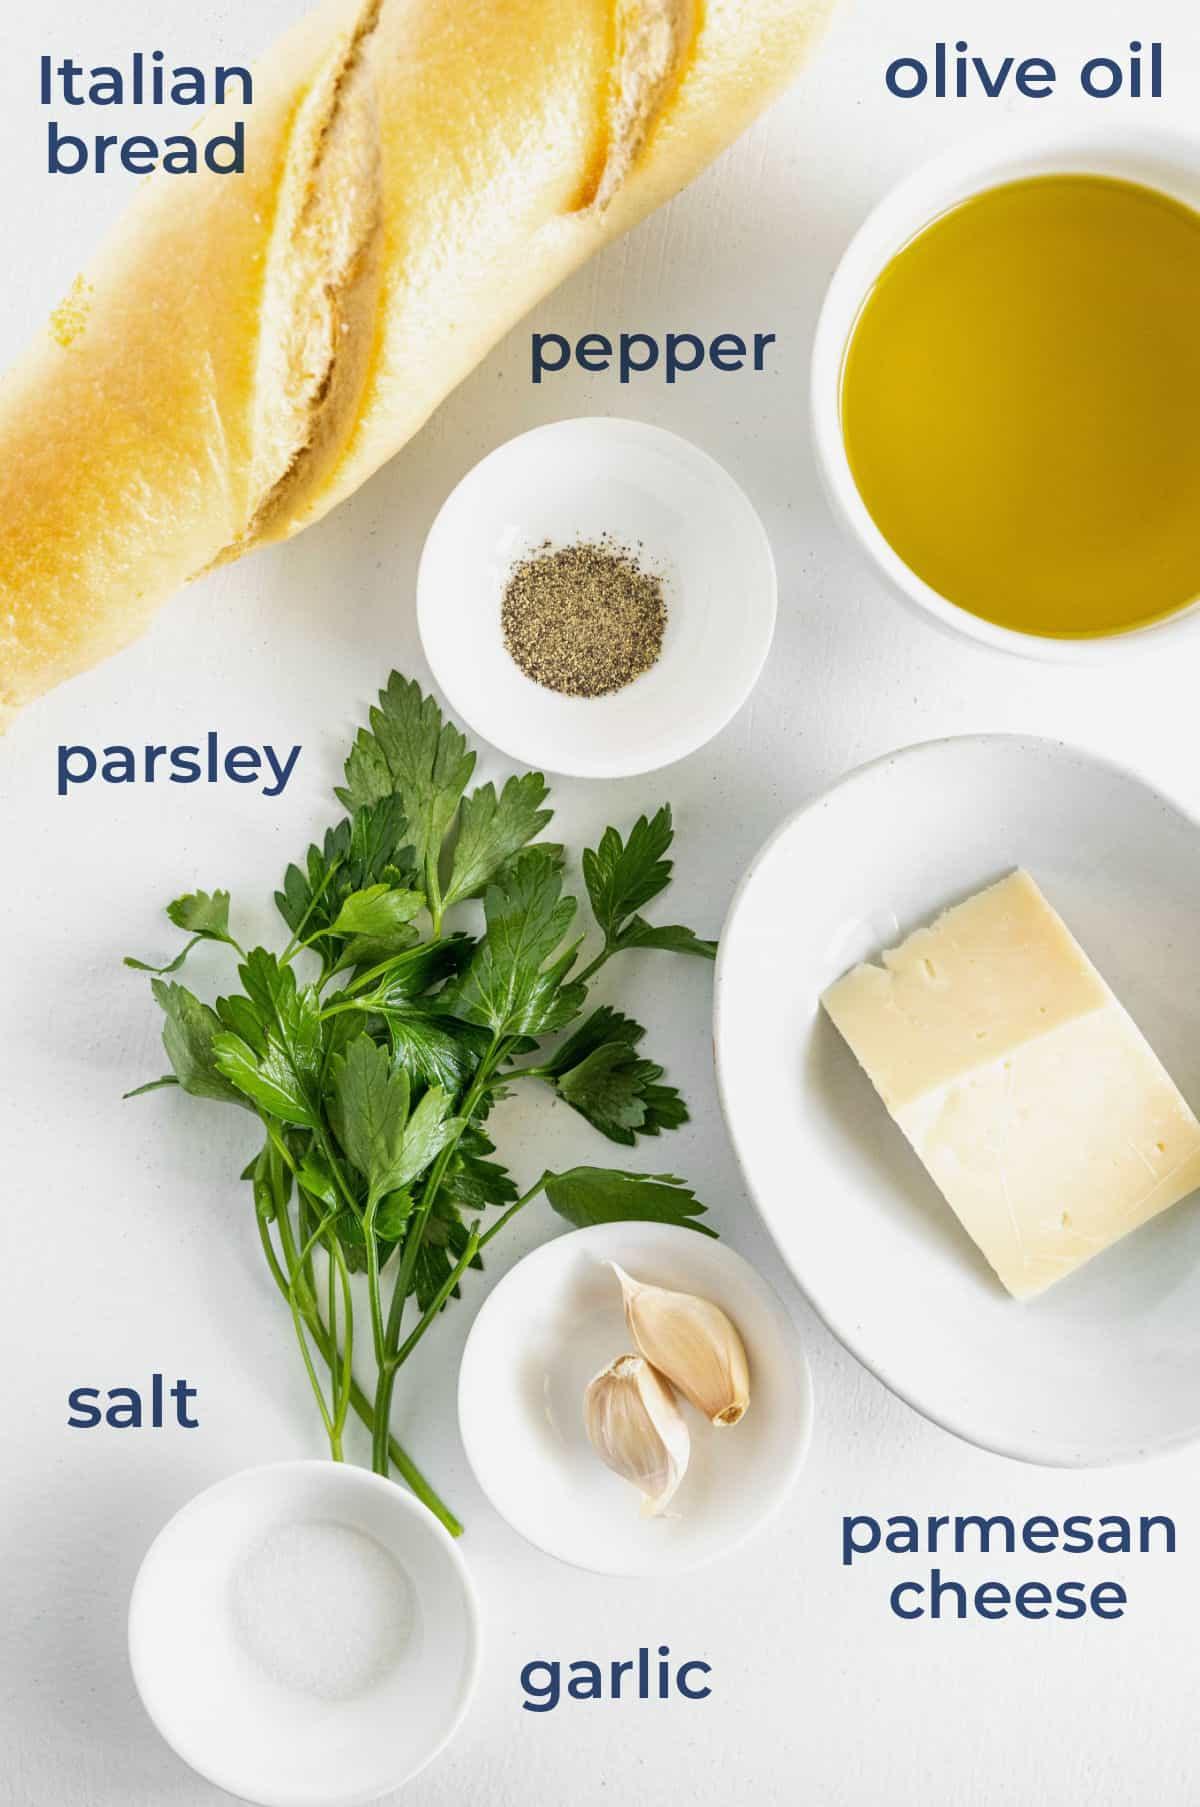 Ingredients for homemade croutons - bread, parmesan cheese, parsley, garlic, olive oil, seasonings